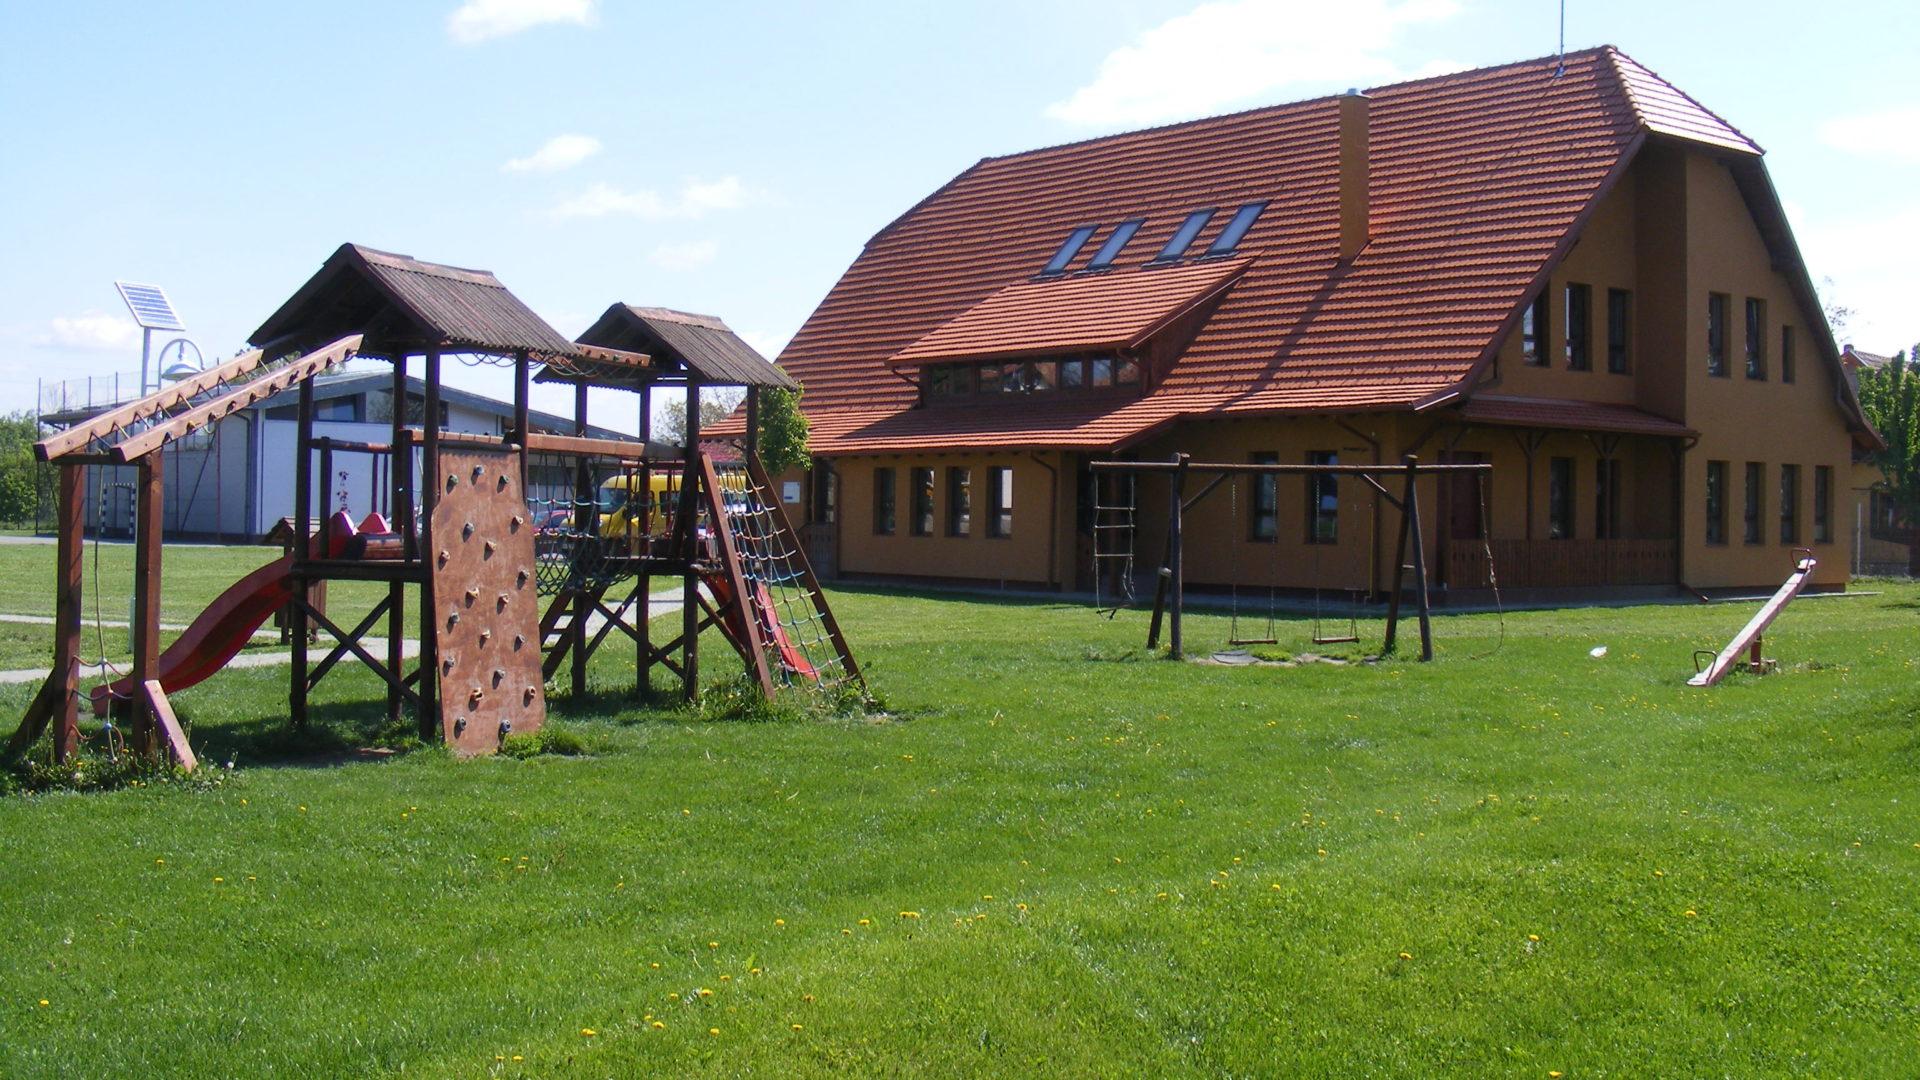 """Școala Gimnazială """"Adorjáni Károly"""" – Adorjáni Károly Általános Iskola"""